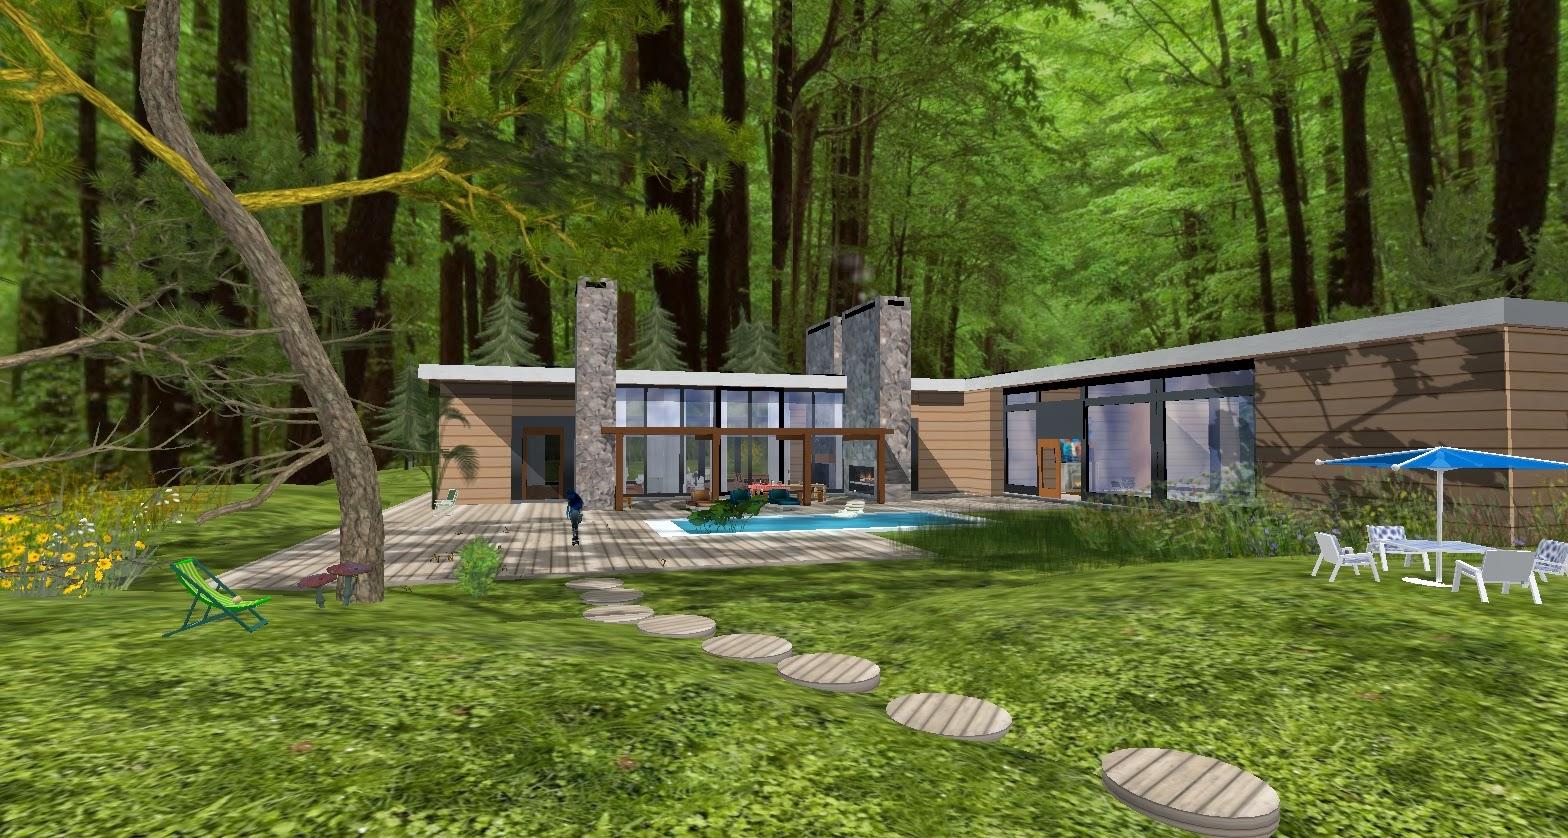 Realidad virtual beyro los colores del bosque - Casas el bosque ...